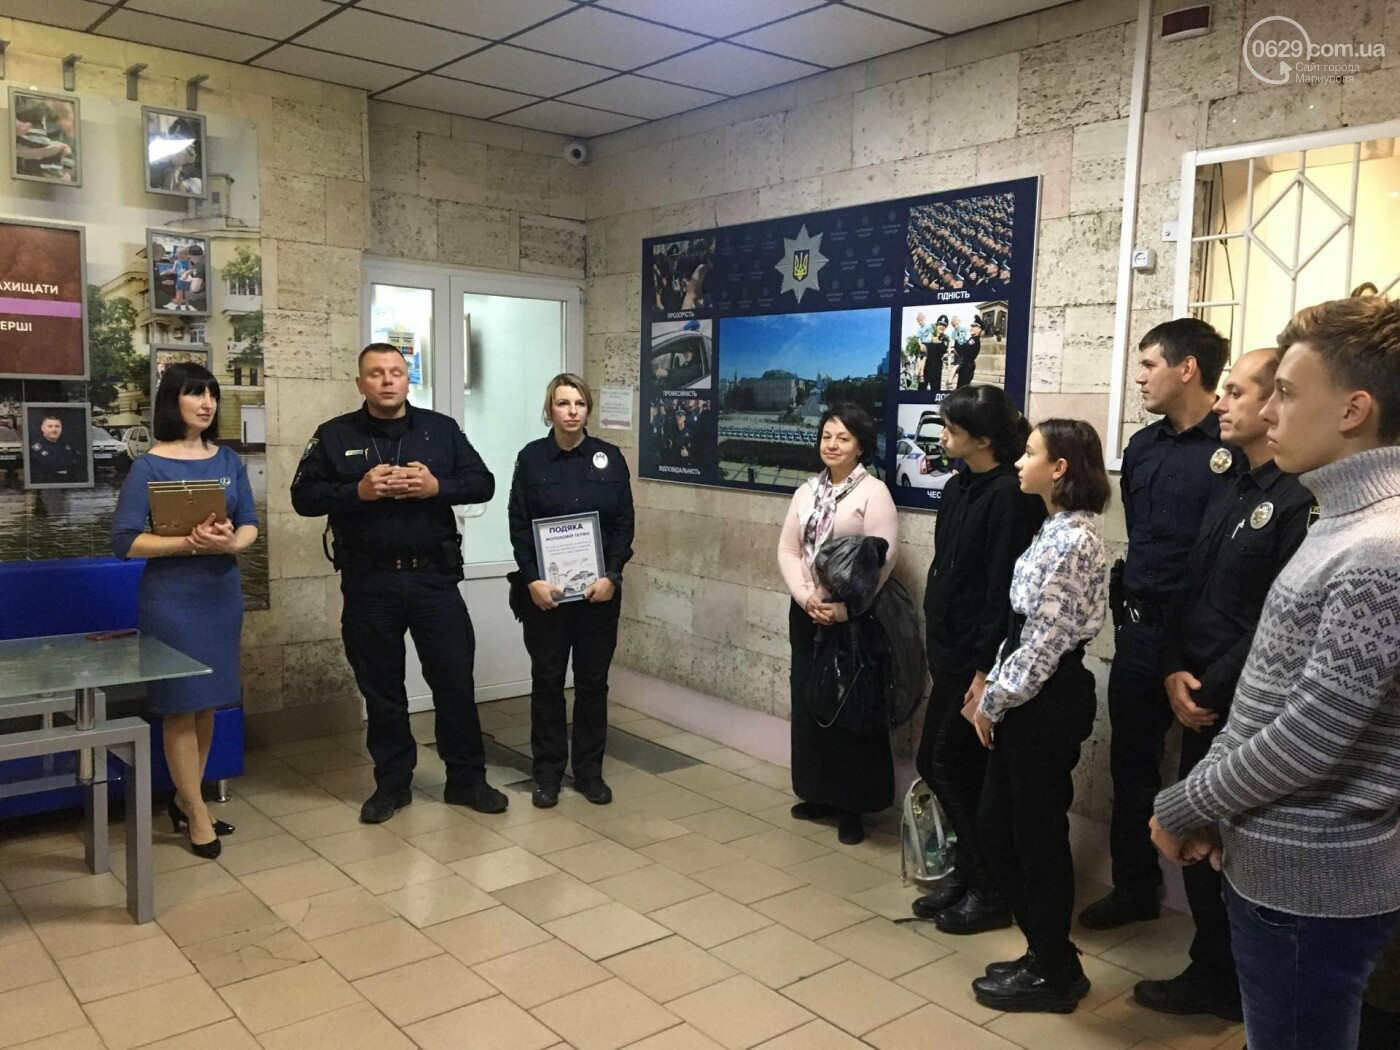 В патрульной полиции открыли картинную галерею,- ФОТО, фото-3